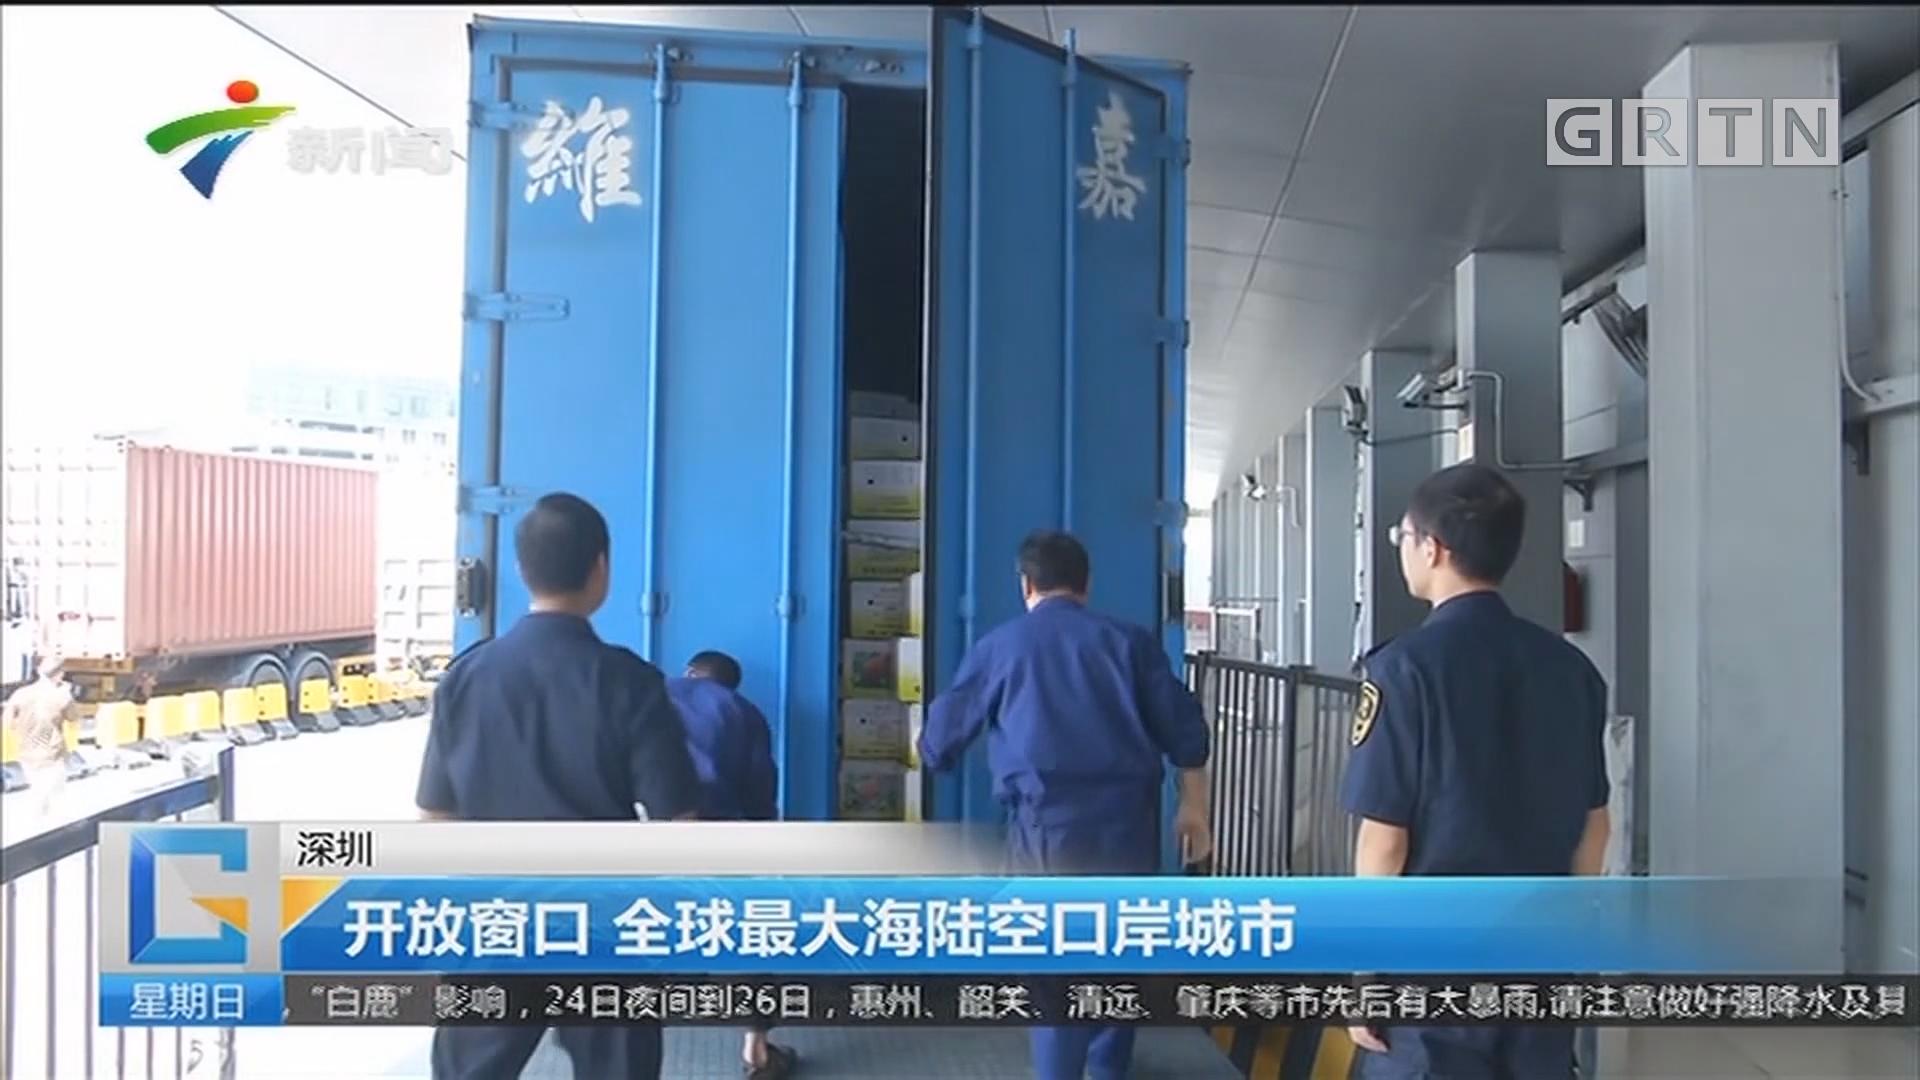 深圳:开放窗口 全球最大海陆空口岸城市